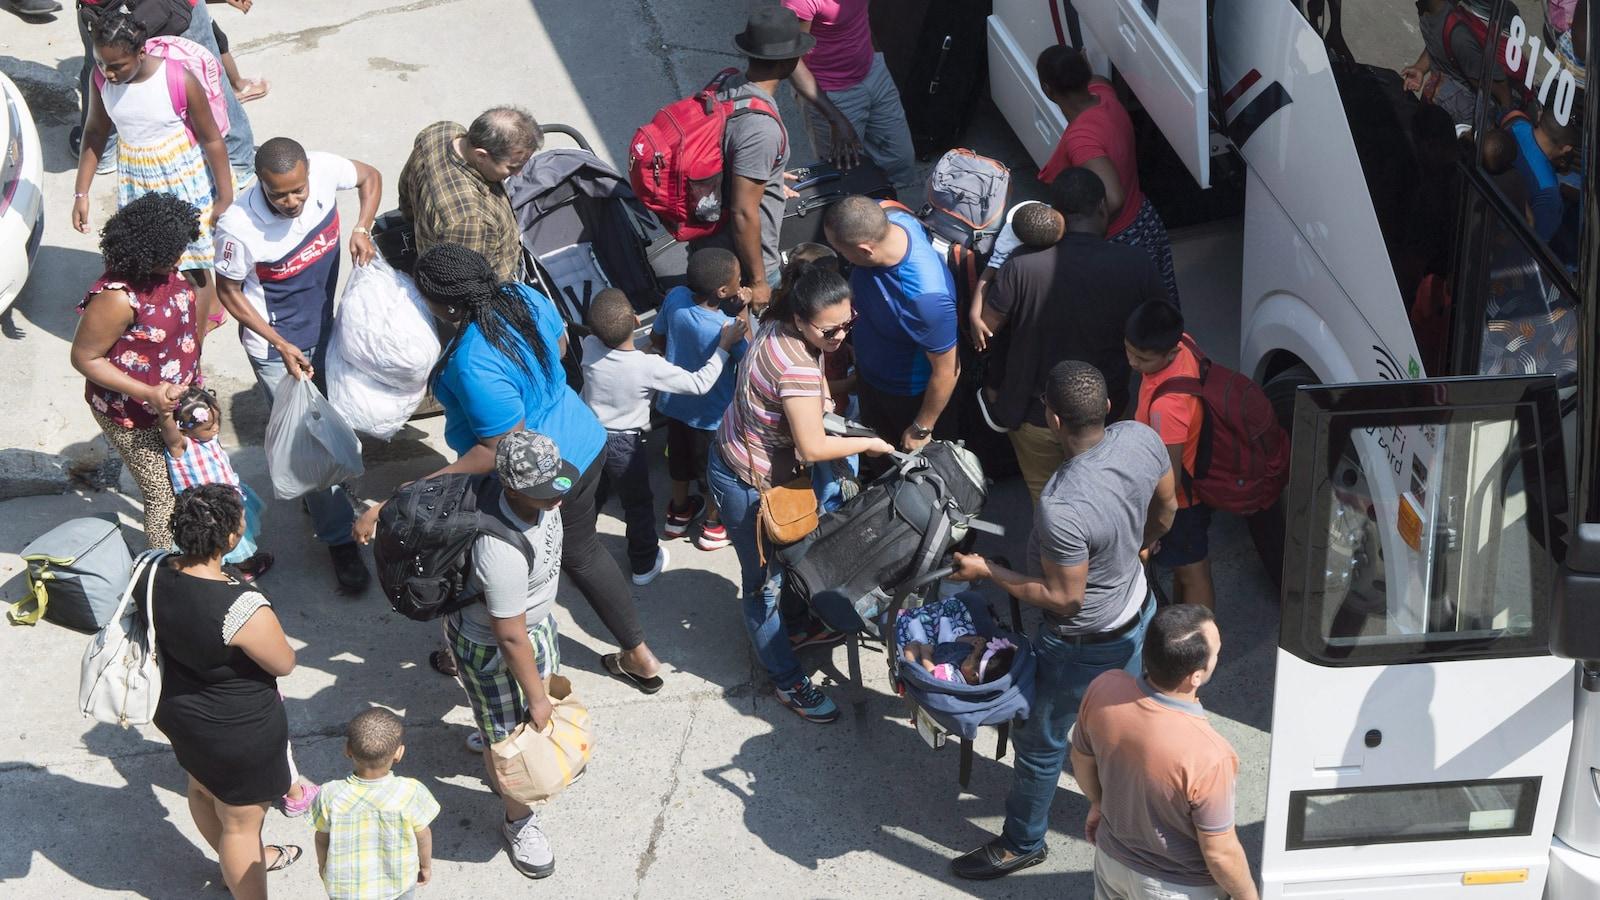 Des migrants arrivent au stade olympique de Montréal, où ils seront logés temporairement.